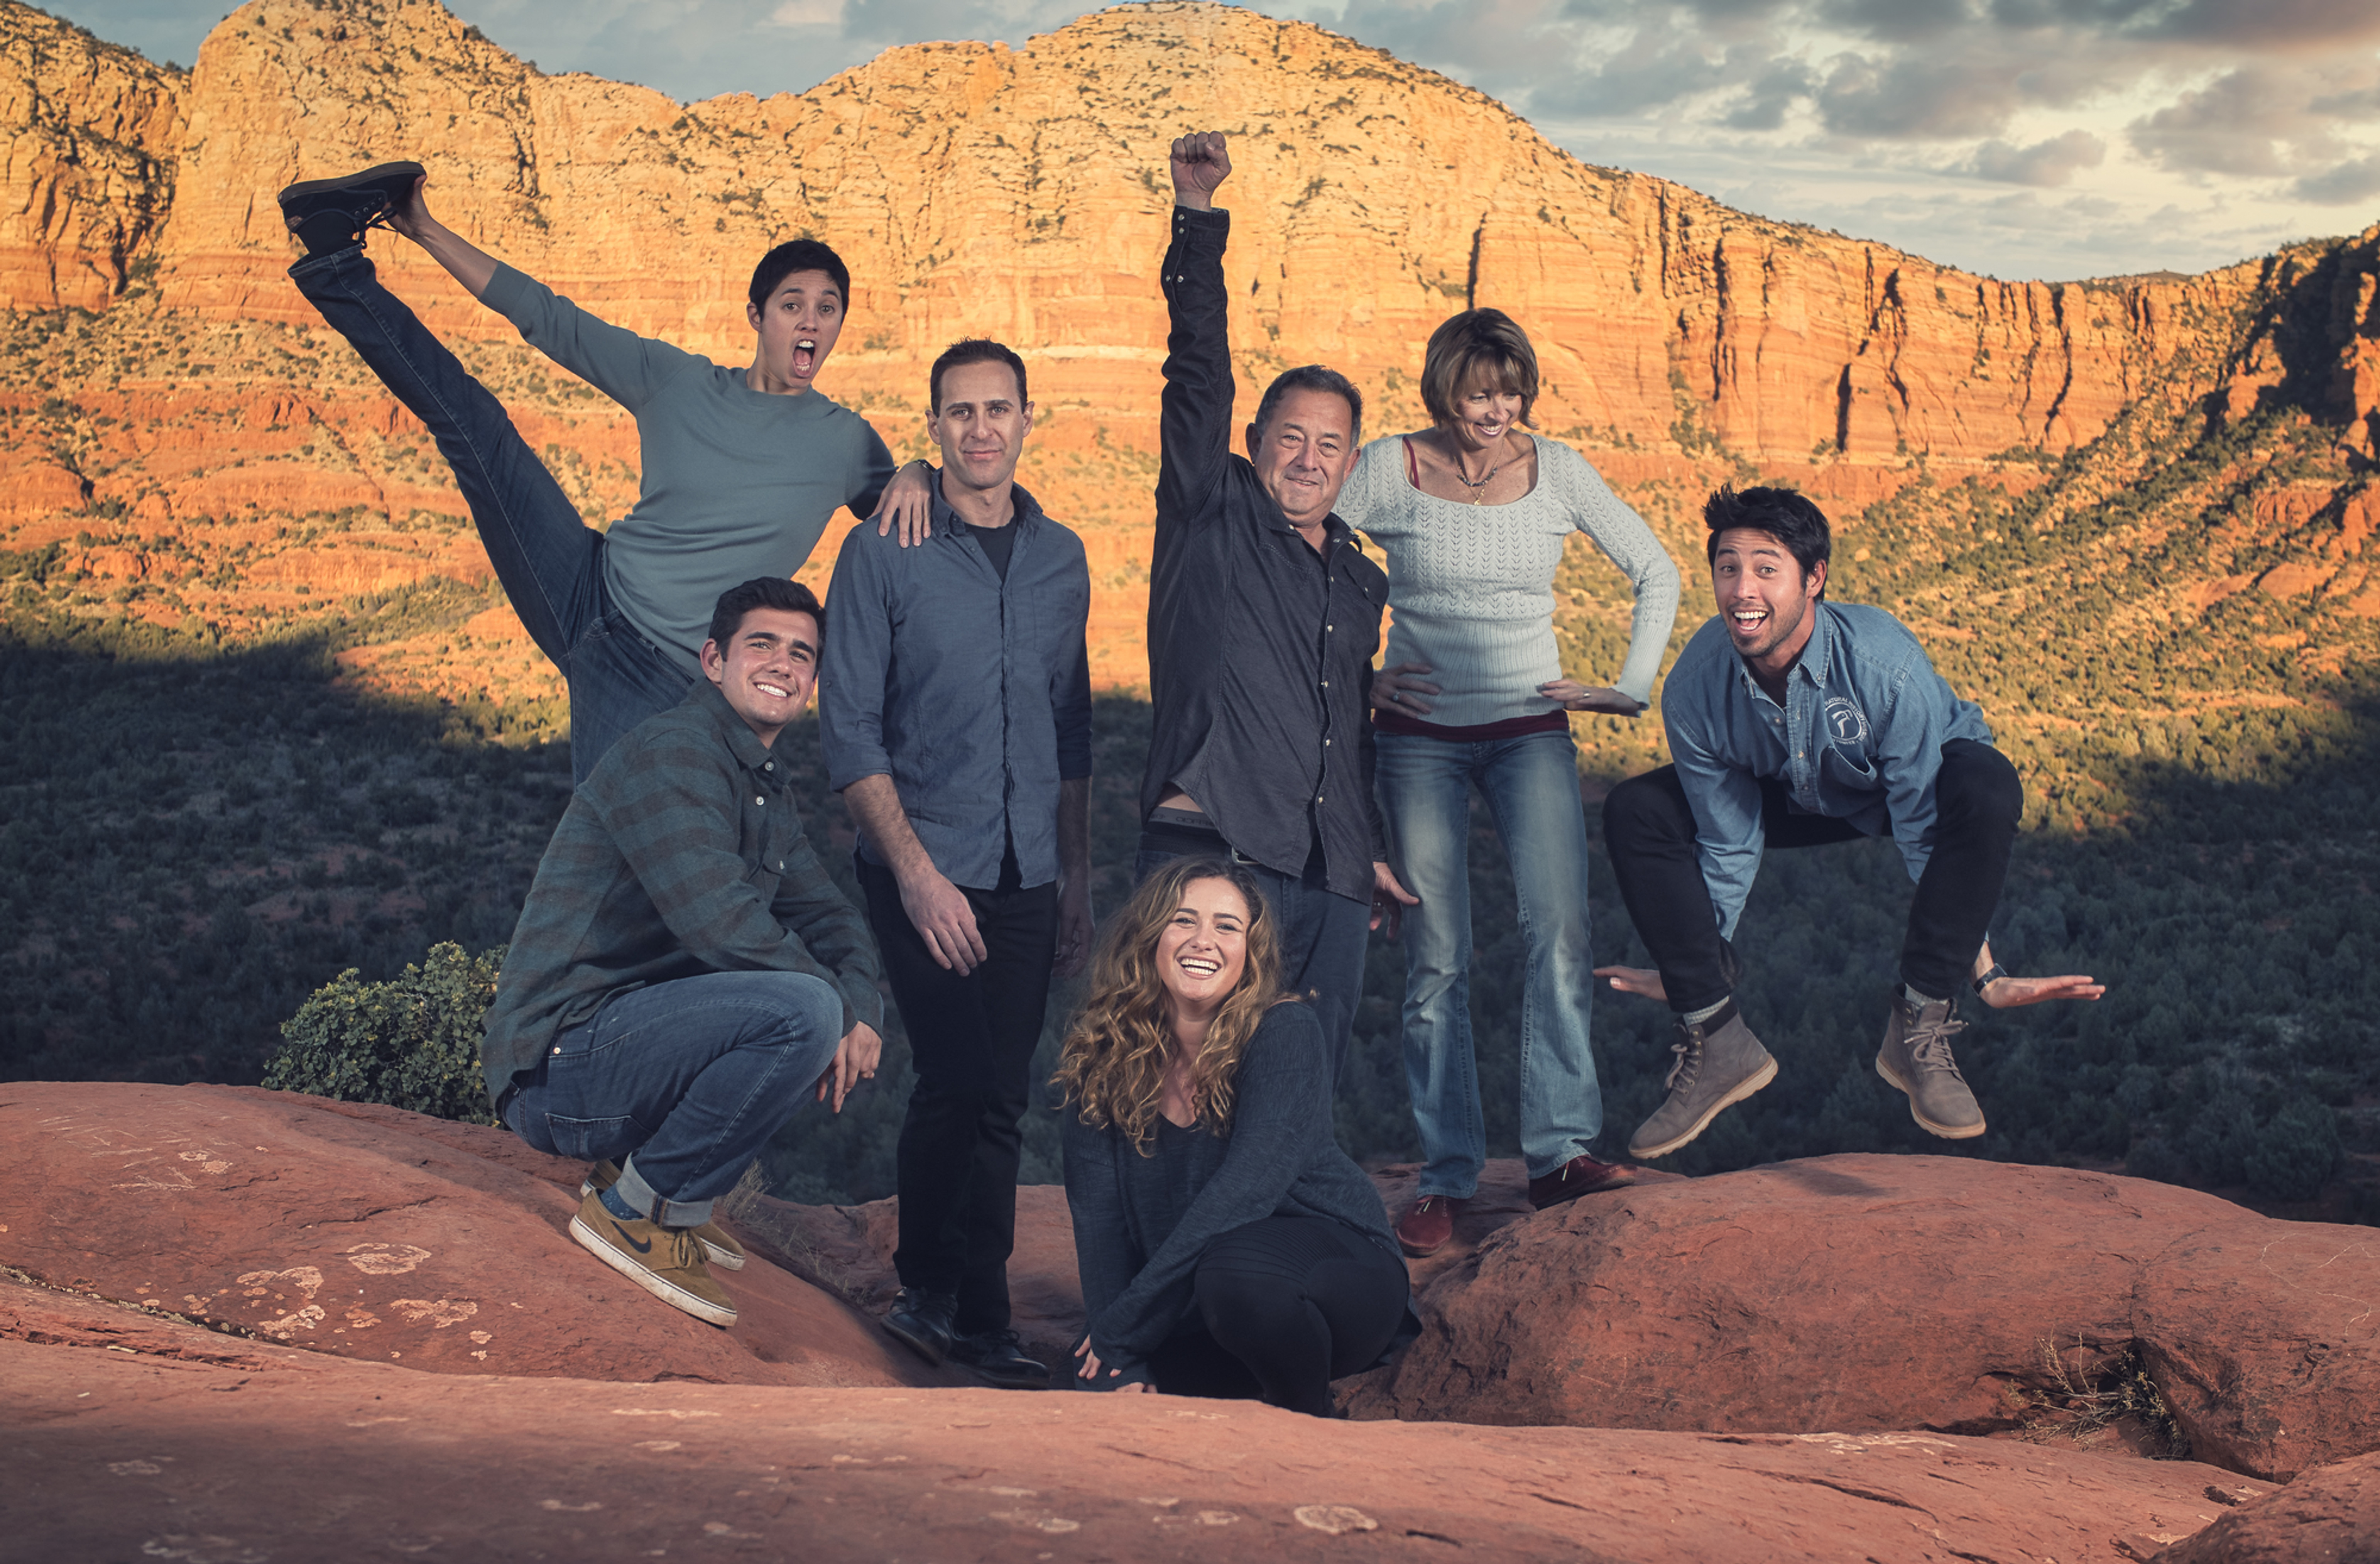 Sedona Family Adventure Shoot